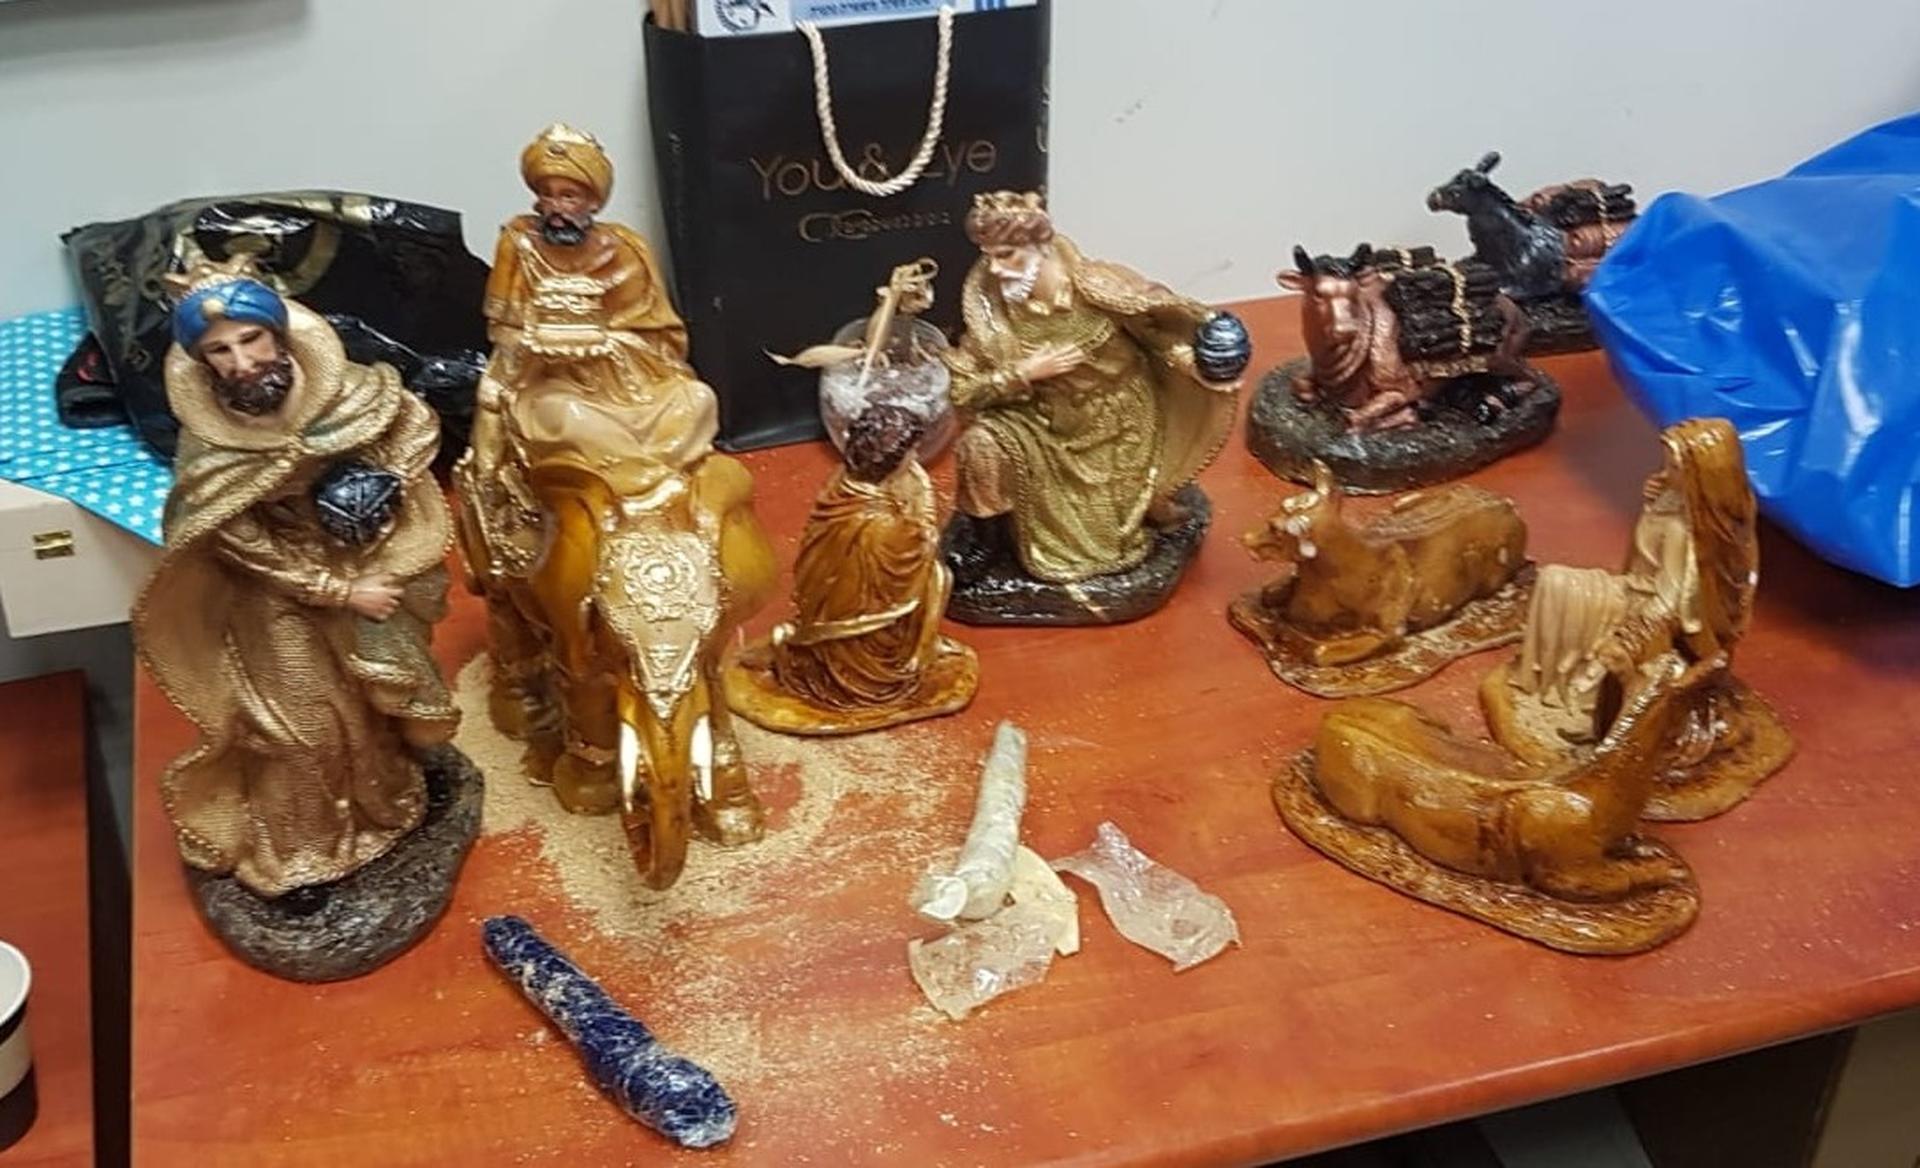 הפסלים פחות סיקרנו את החוקרים | צילום: דוברות המשטרה שרון